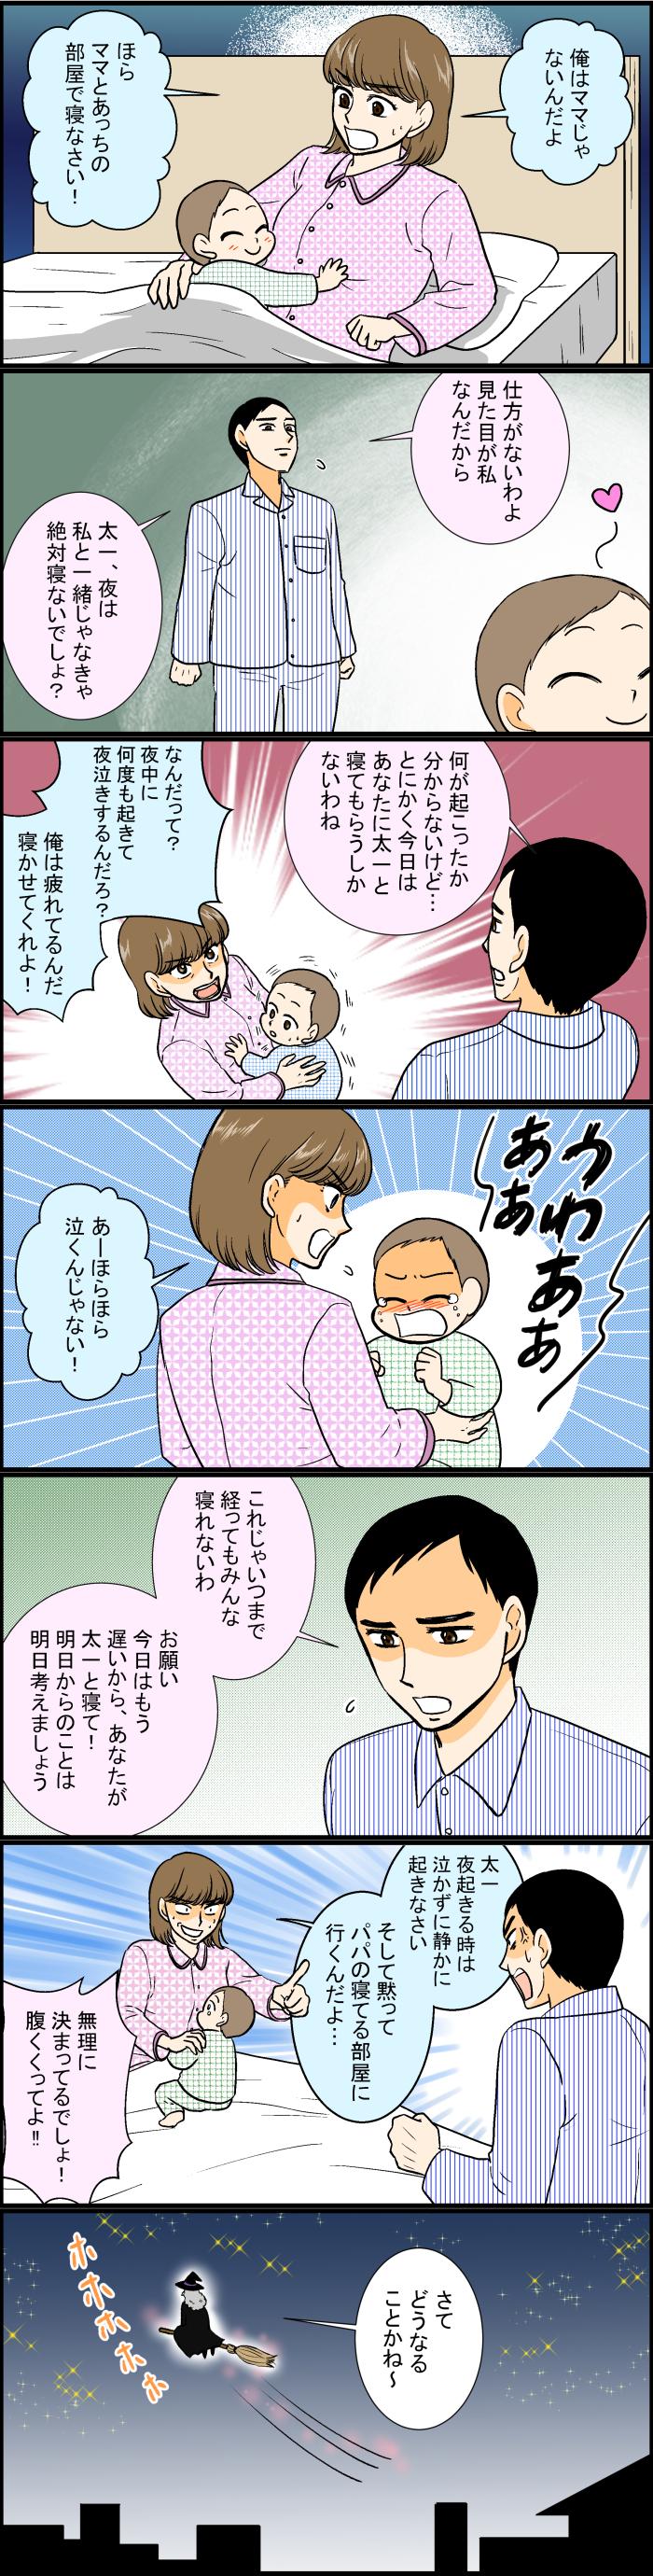 「俺は疲れてるんだ!寝かせてくれよ」育児に非協力的な夫と、直接反論できない妻の画像3